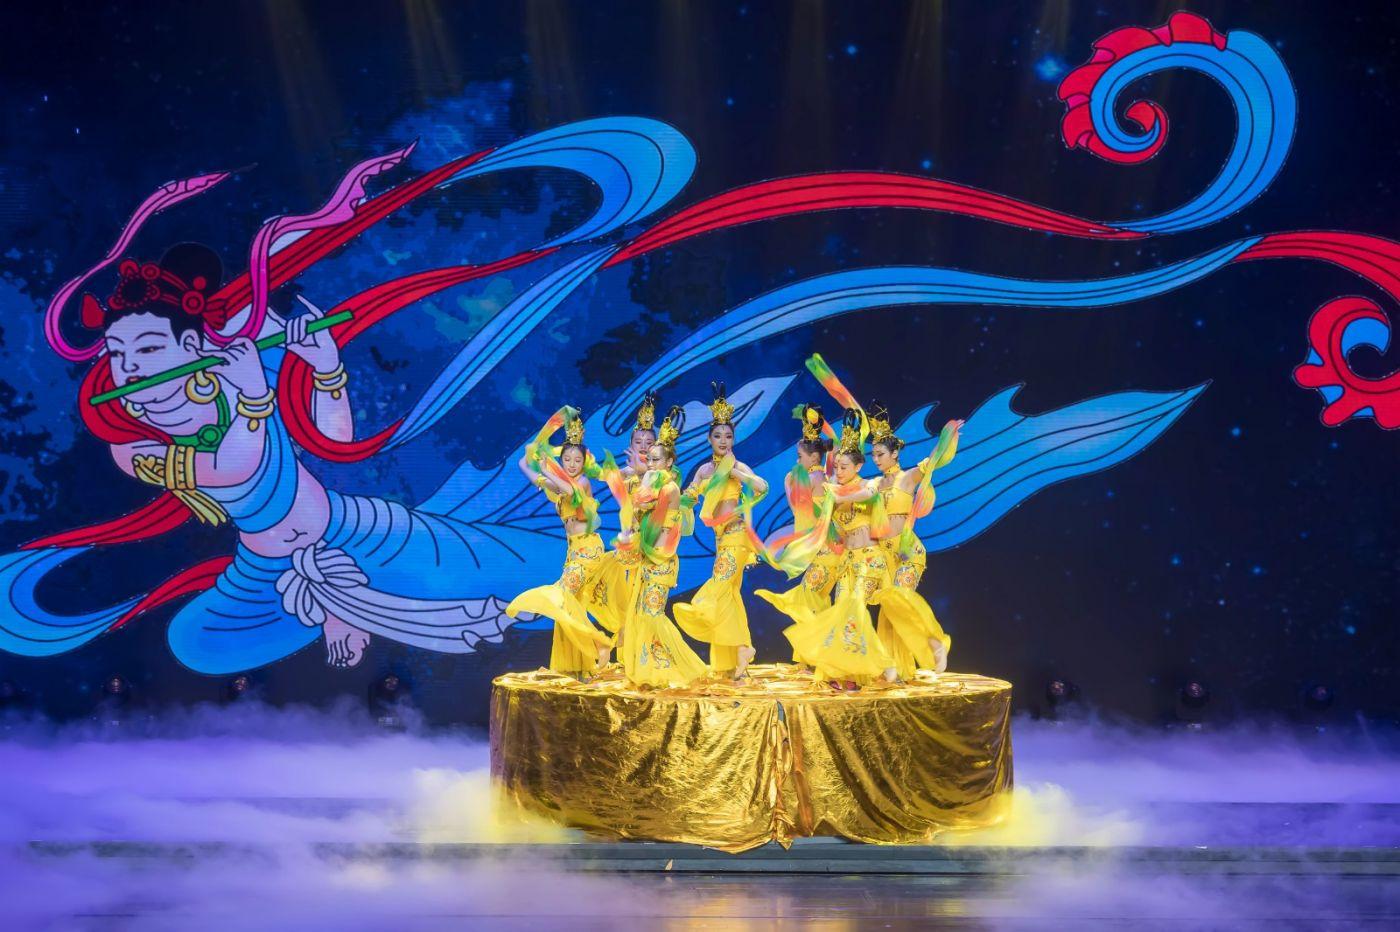 沂蒙大地上 有一种舞蹈叫飞天 这是几位临沂女孩的杰作 美轮美奂 ..._图1-66